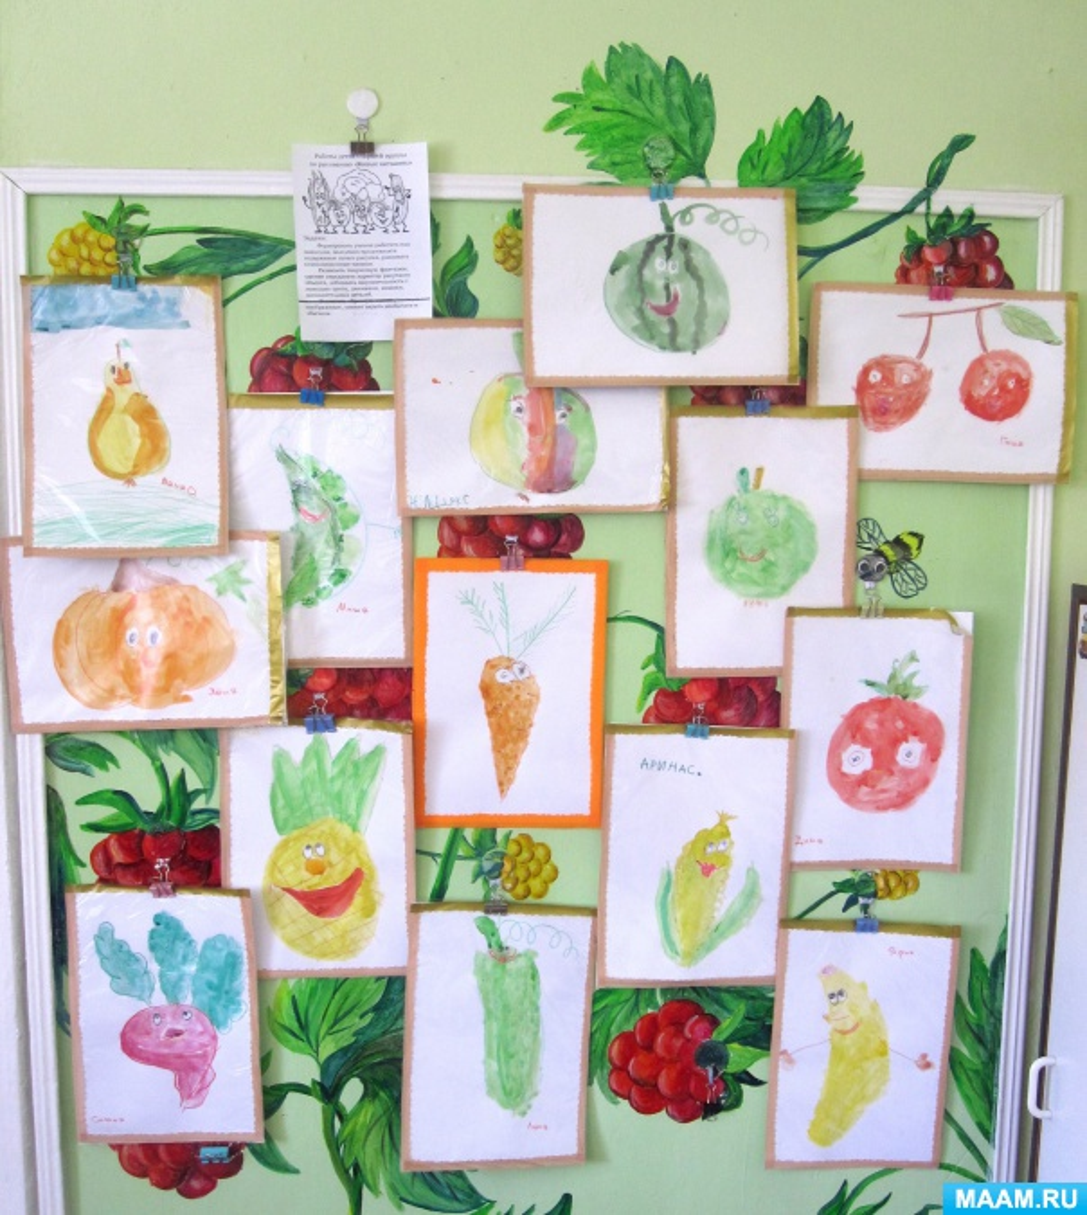 Наполним холодильник полезными продуктами